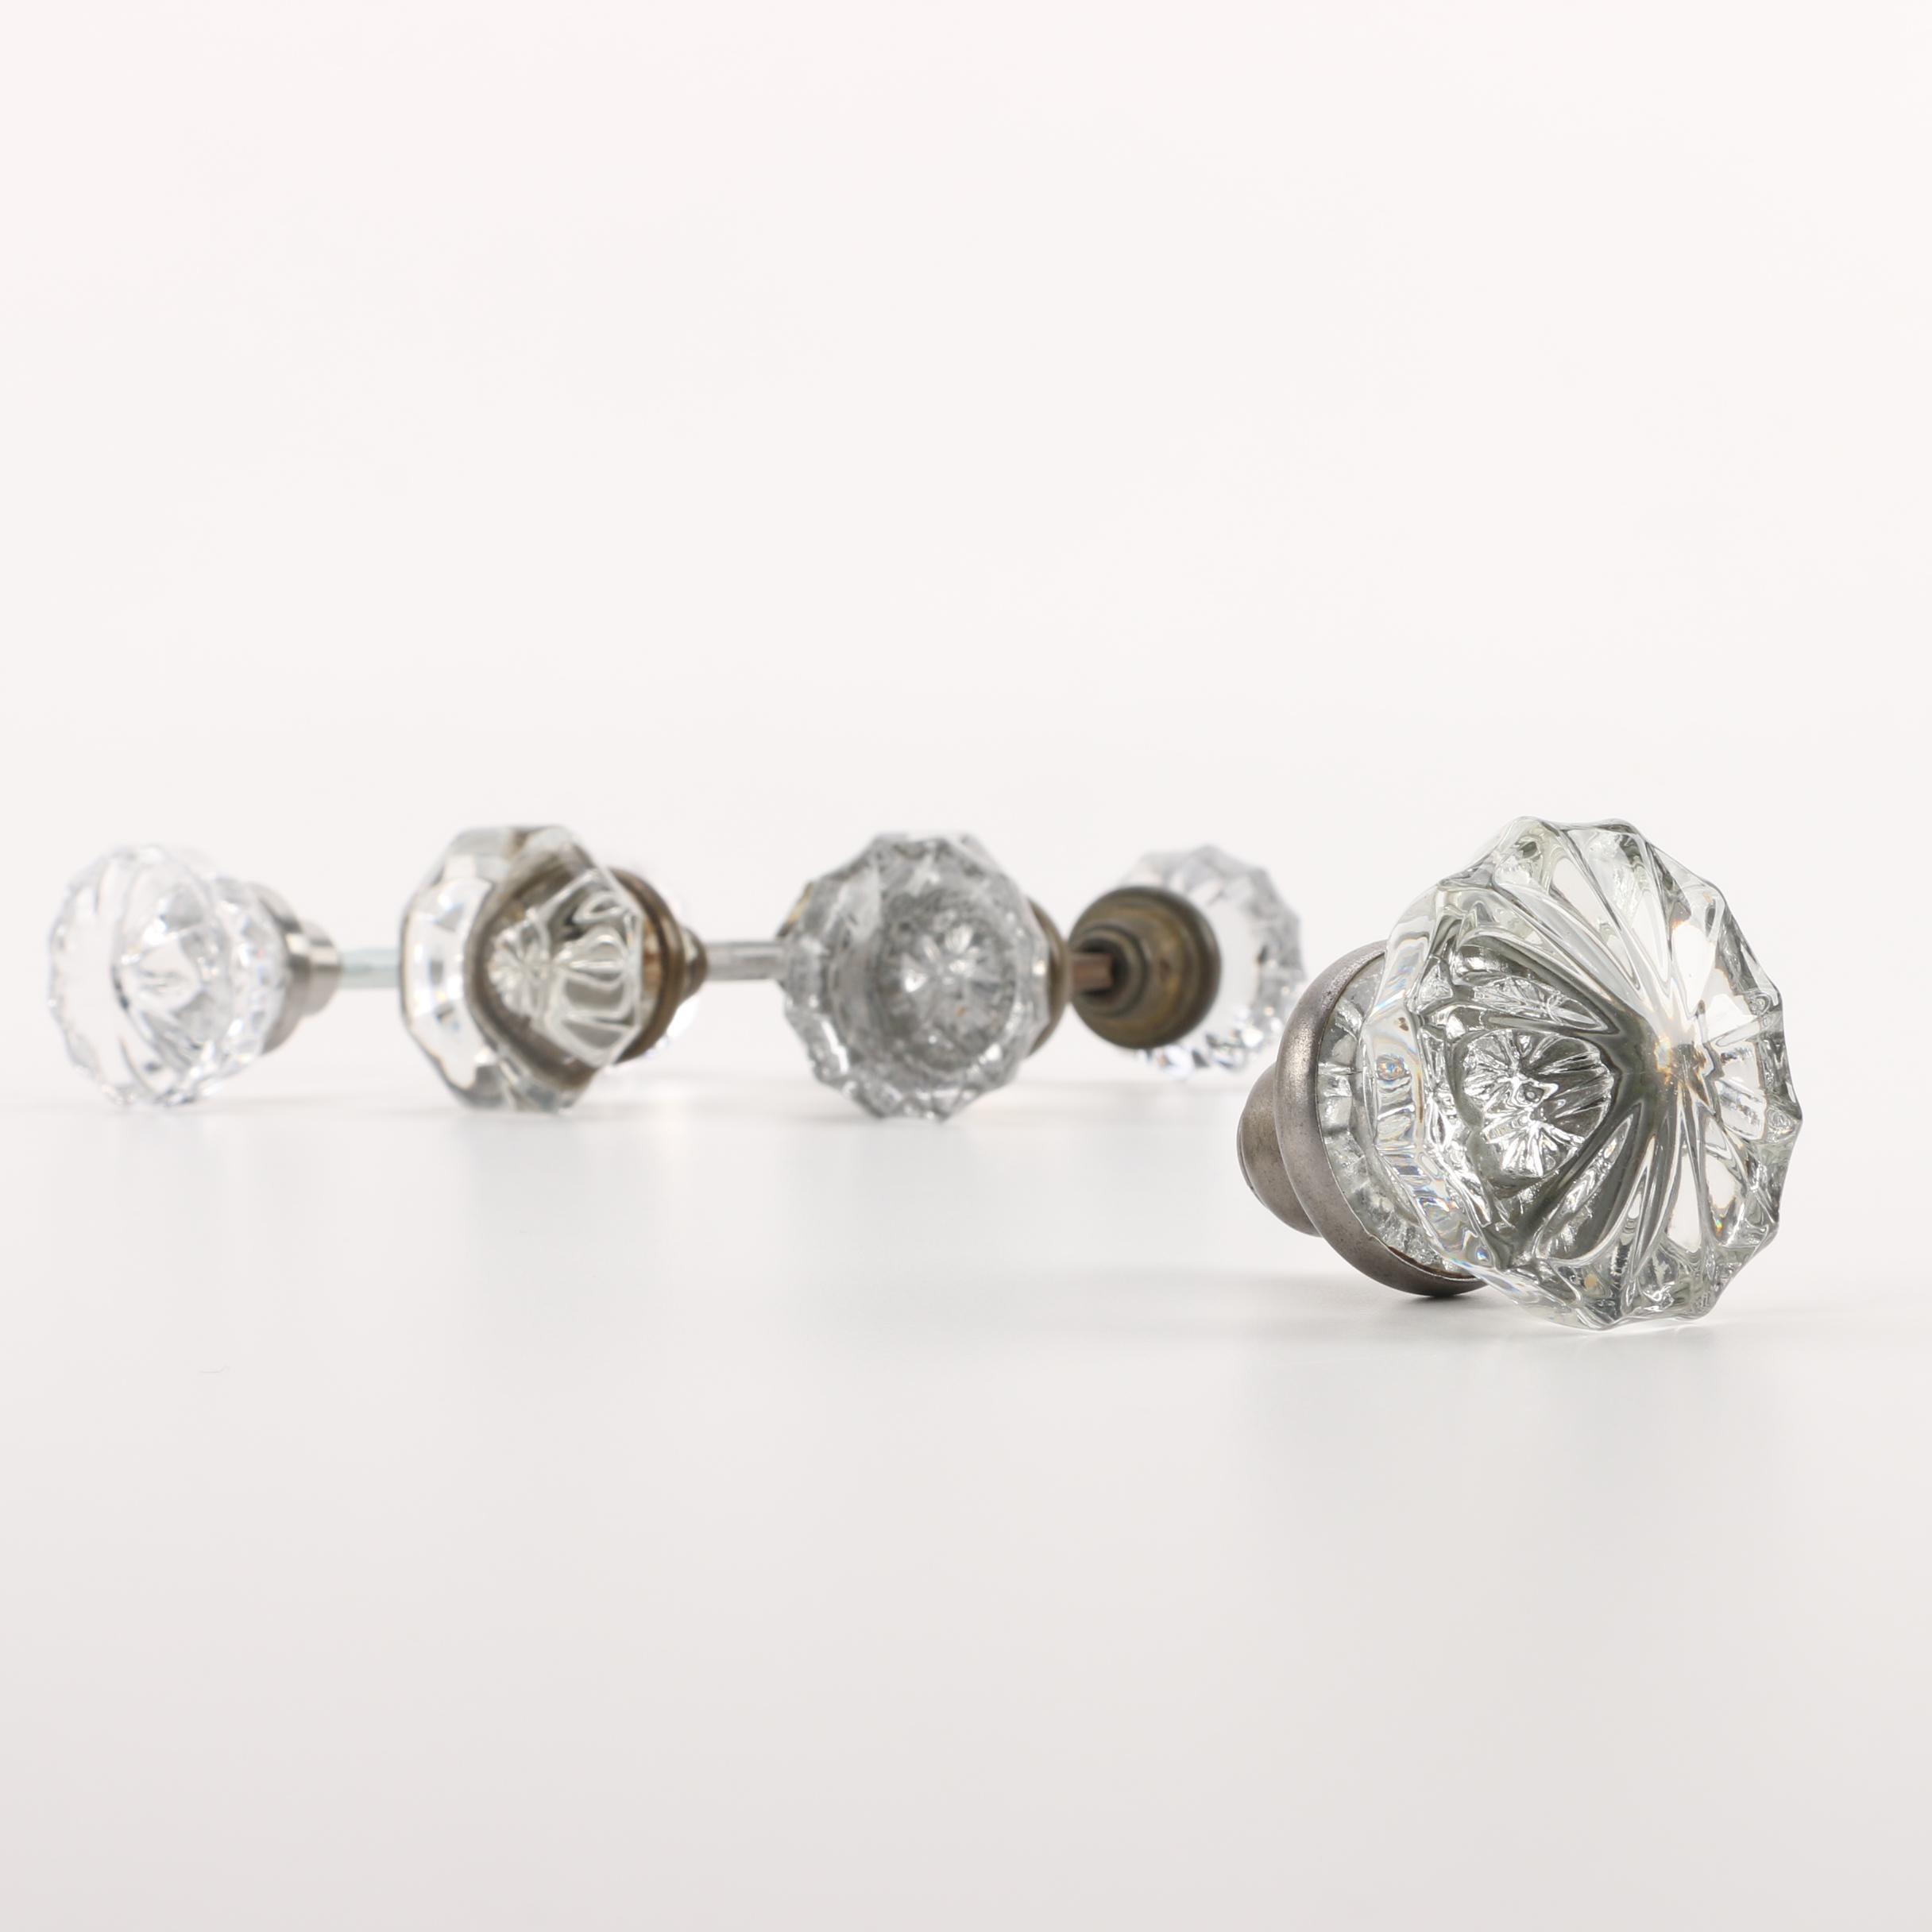 Jewel Cut Style Glass Doorknobs